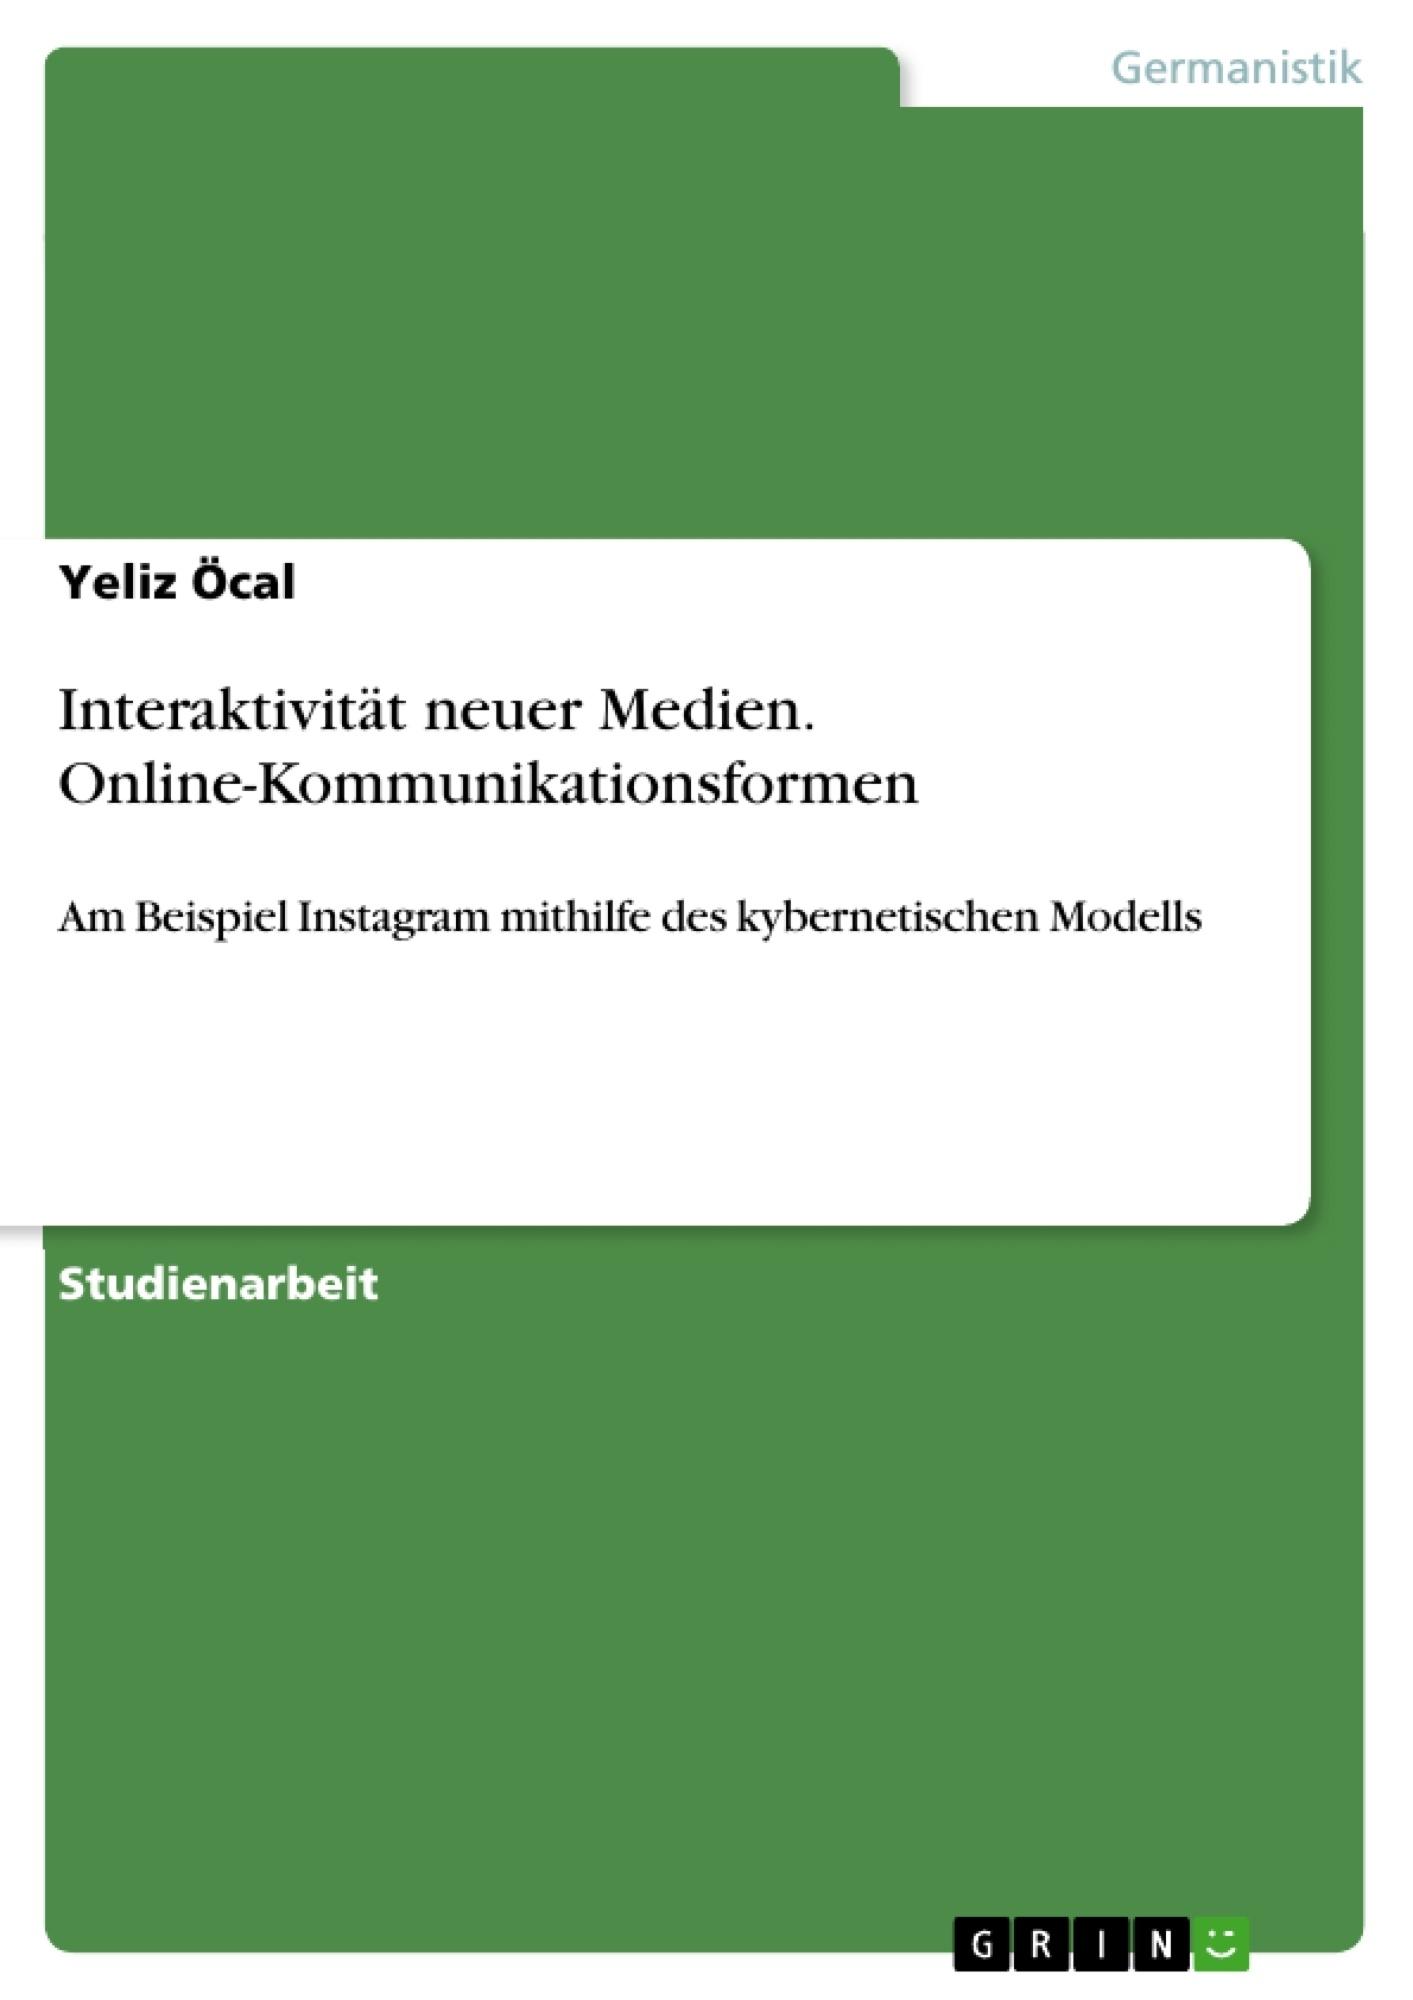 Titel: Interaktivität neuer Medien. Online-Kommunikationsformen